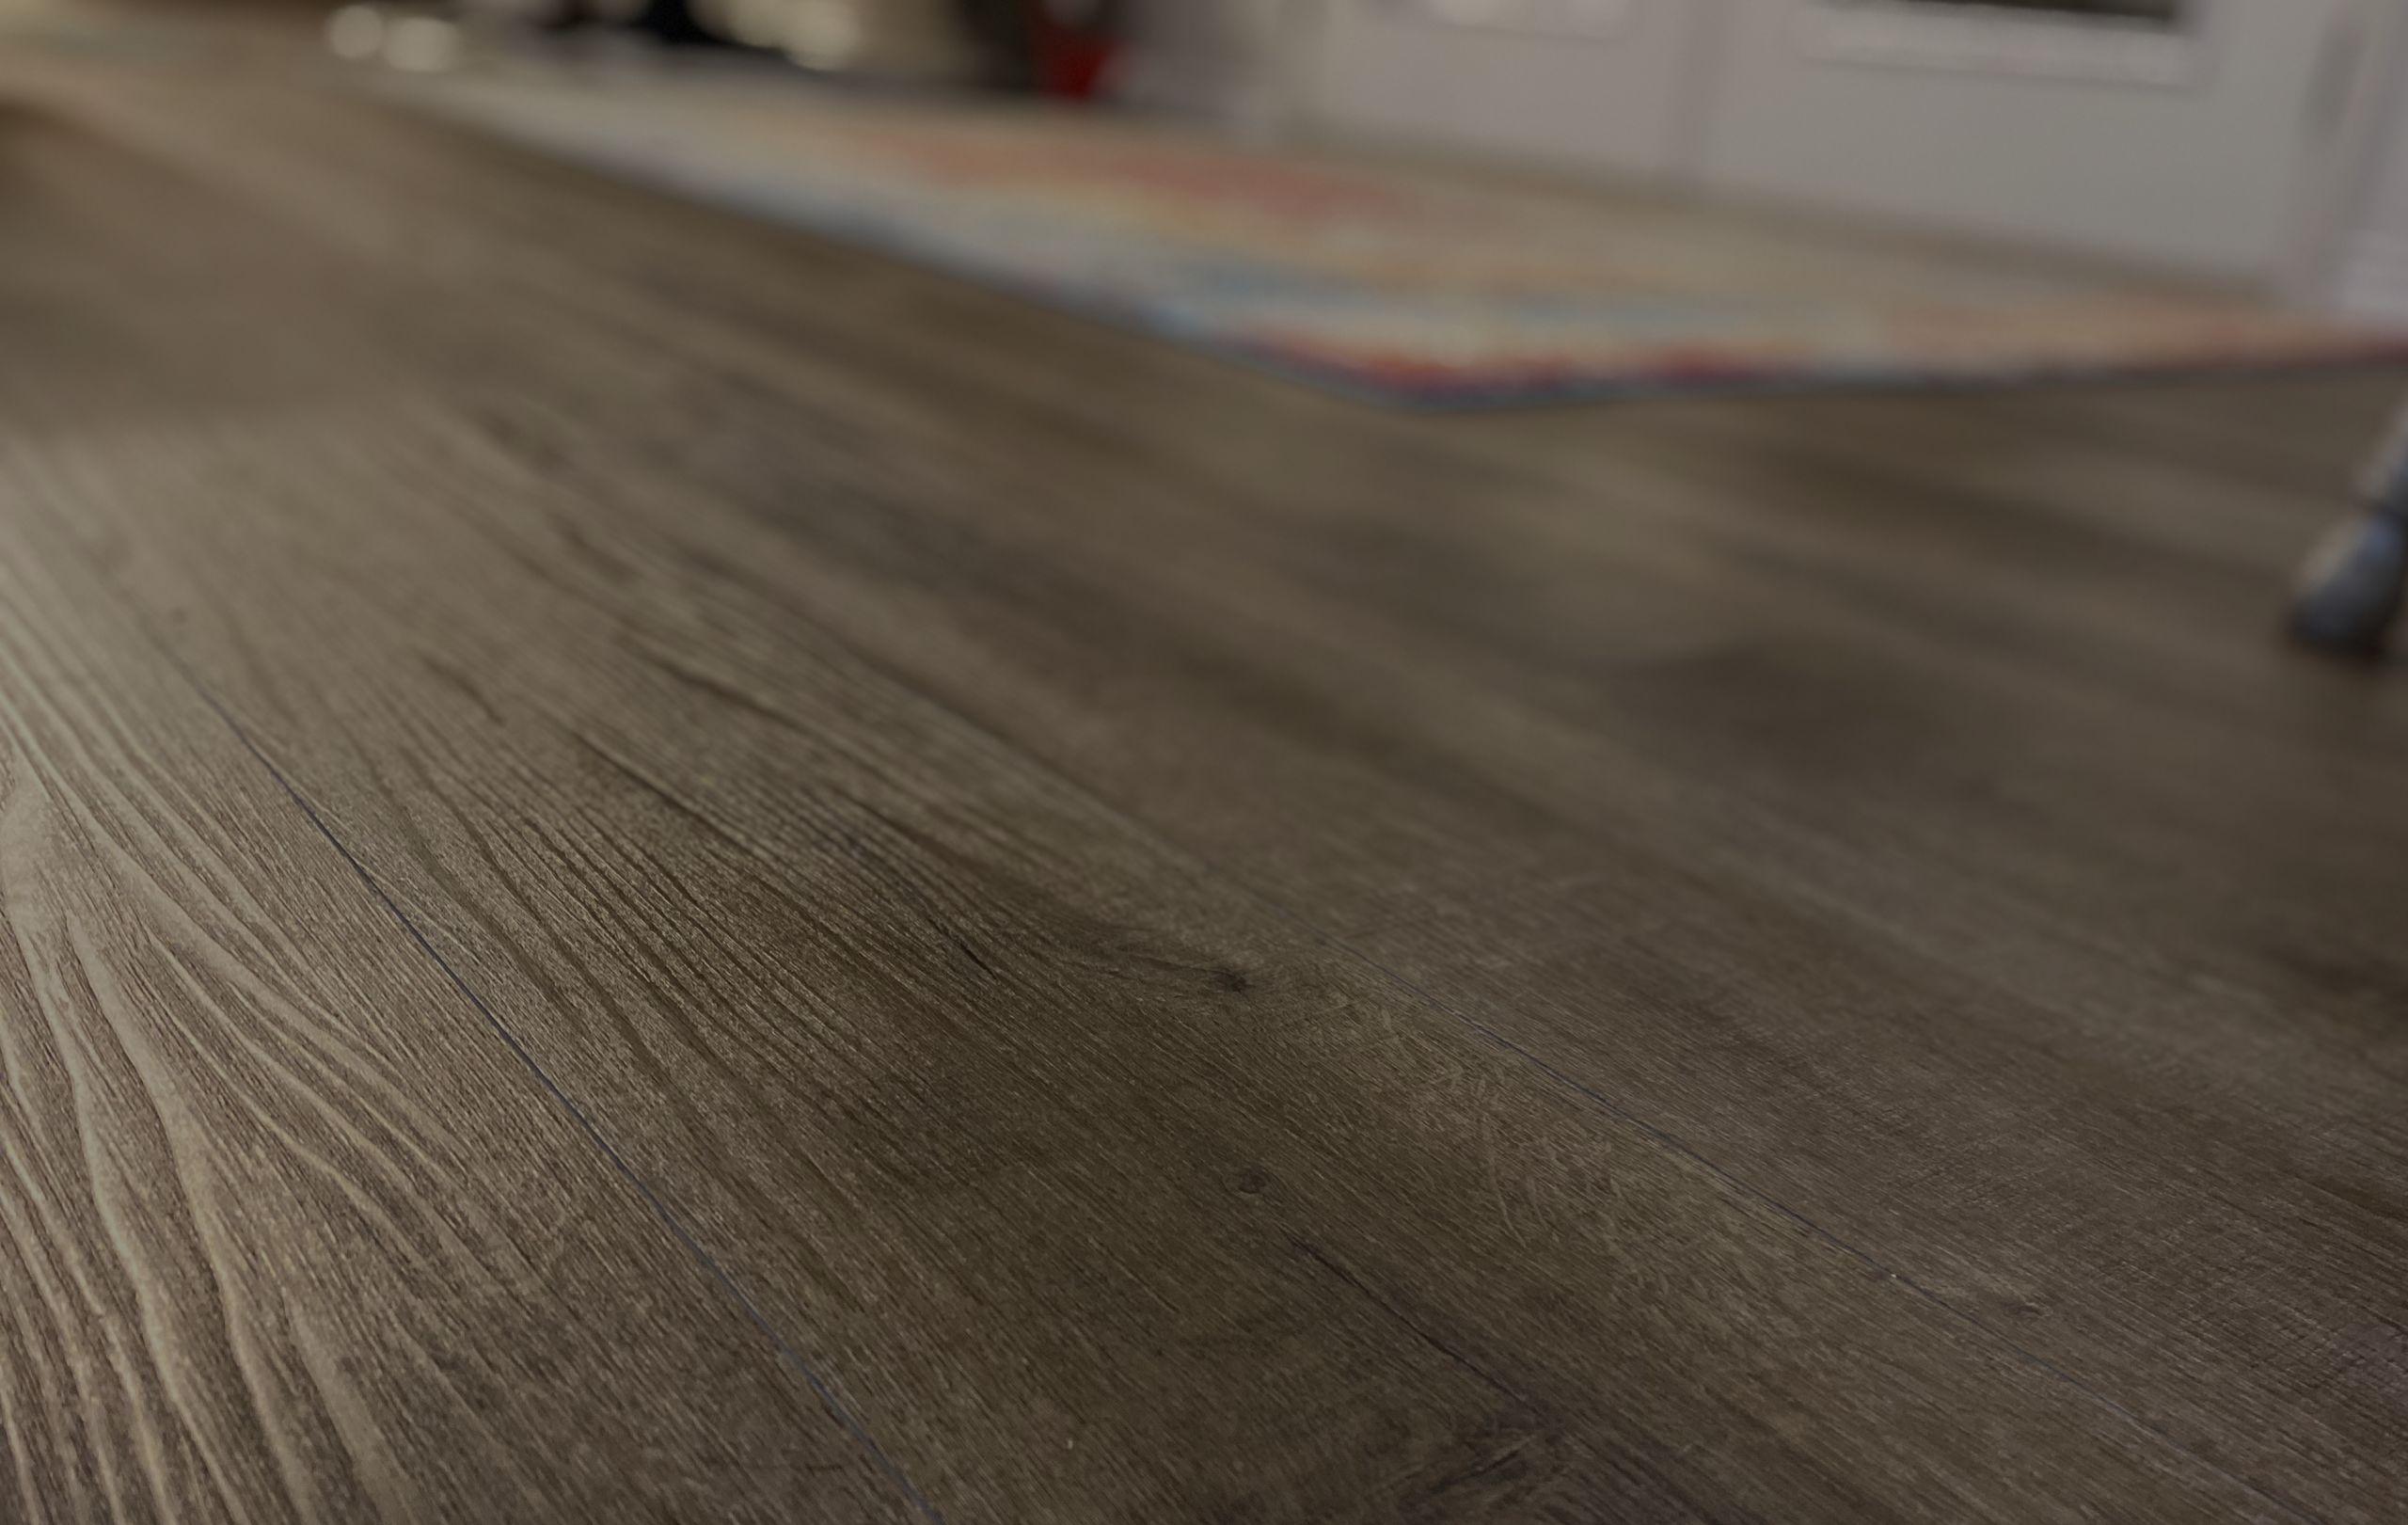 Considering New Flooring?